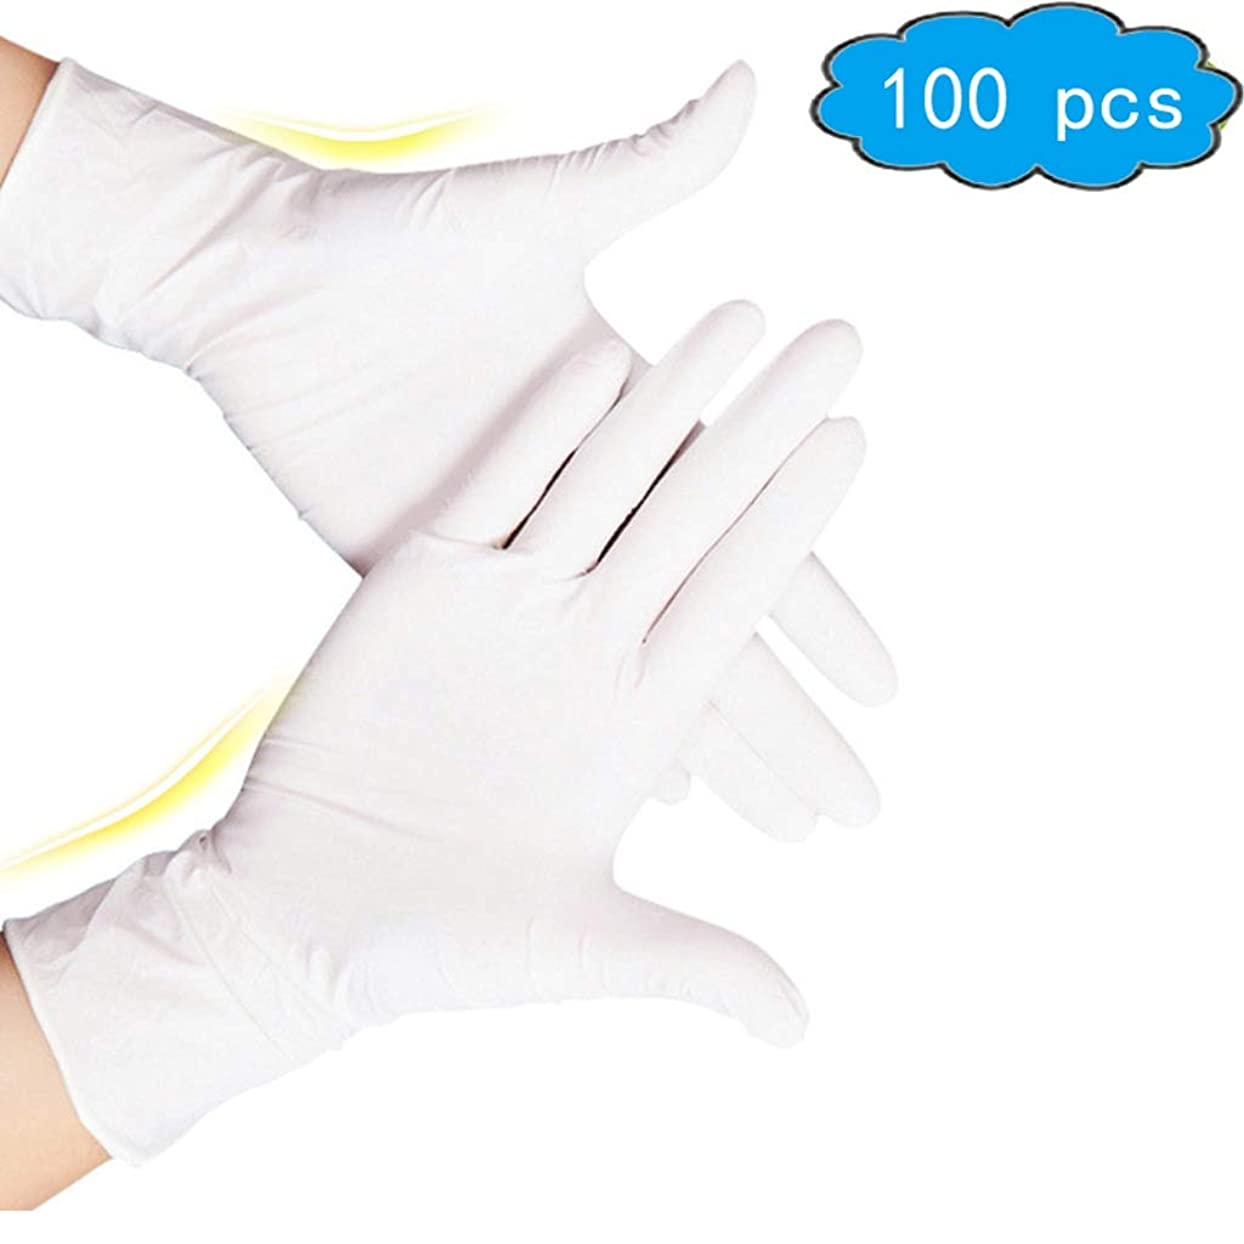 出します折り目不毛の使い捨てニトリル手袋、ノーパウダー、ラテックスアレルギー対策済みの多機能ヘビーデューティスーパーストロング、手袋を清掃、食品グレードキッチン手袋(100箱)、衛生手袋、応急処置用品 (Color : White, Size : M)